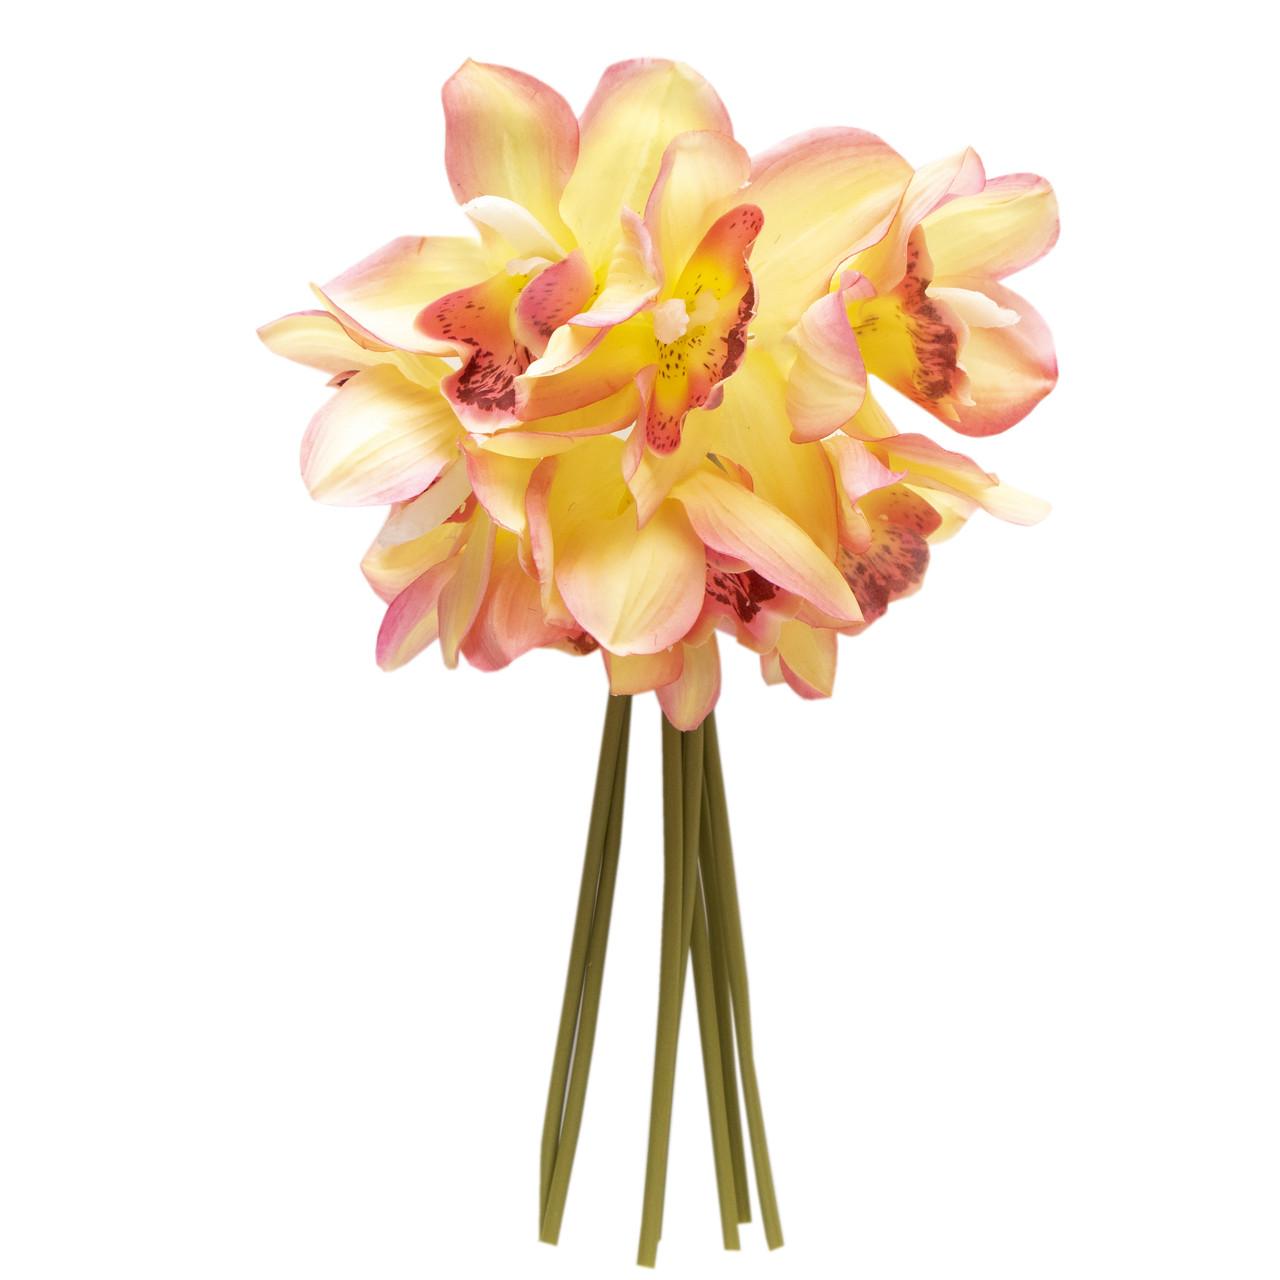 Штучна квітка міні-орхідея, 30 см, рожевий, тканина, пластик (631307)